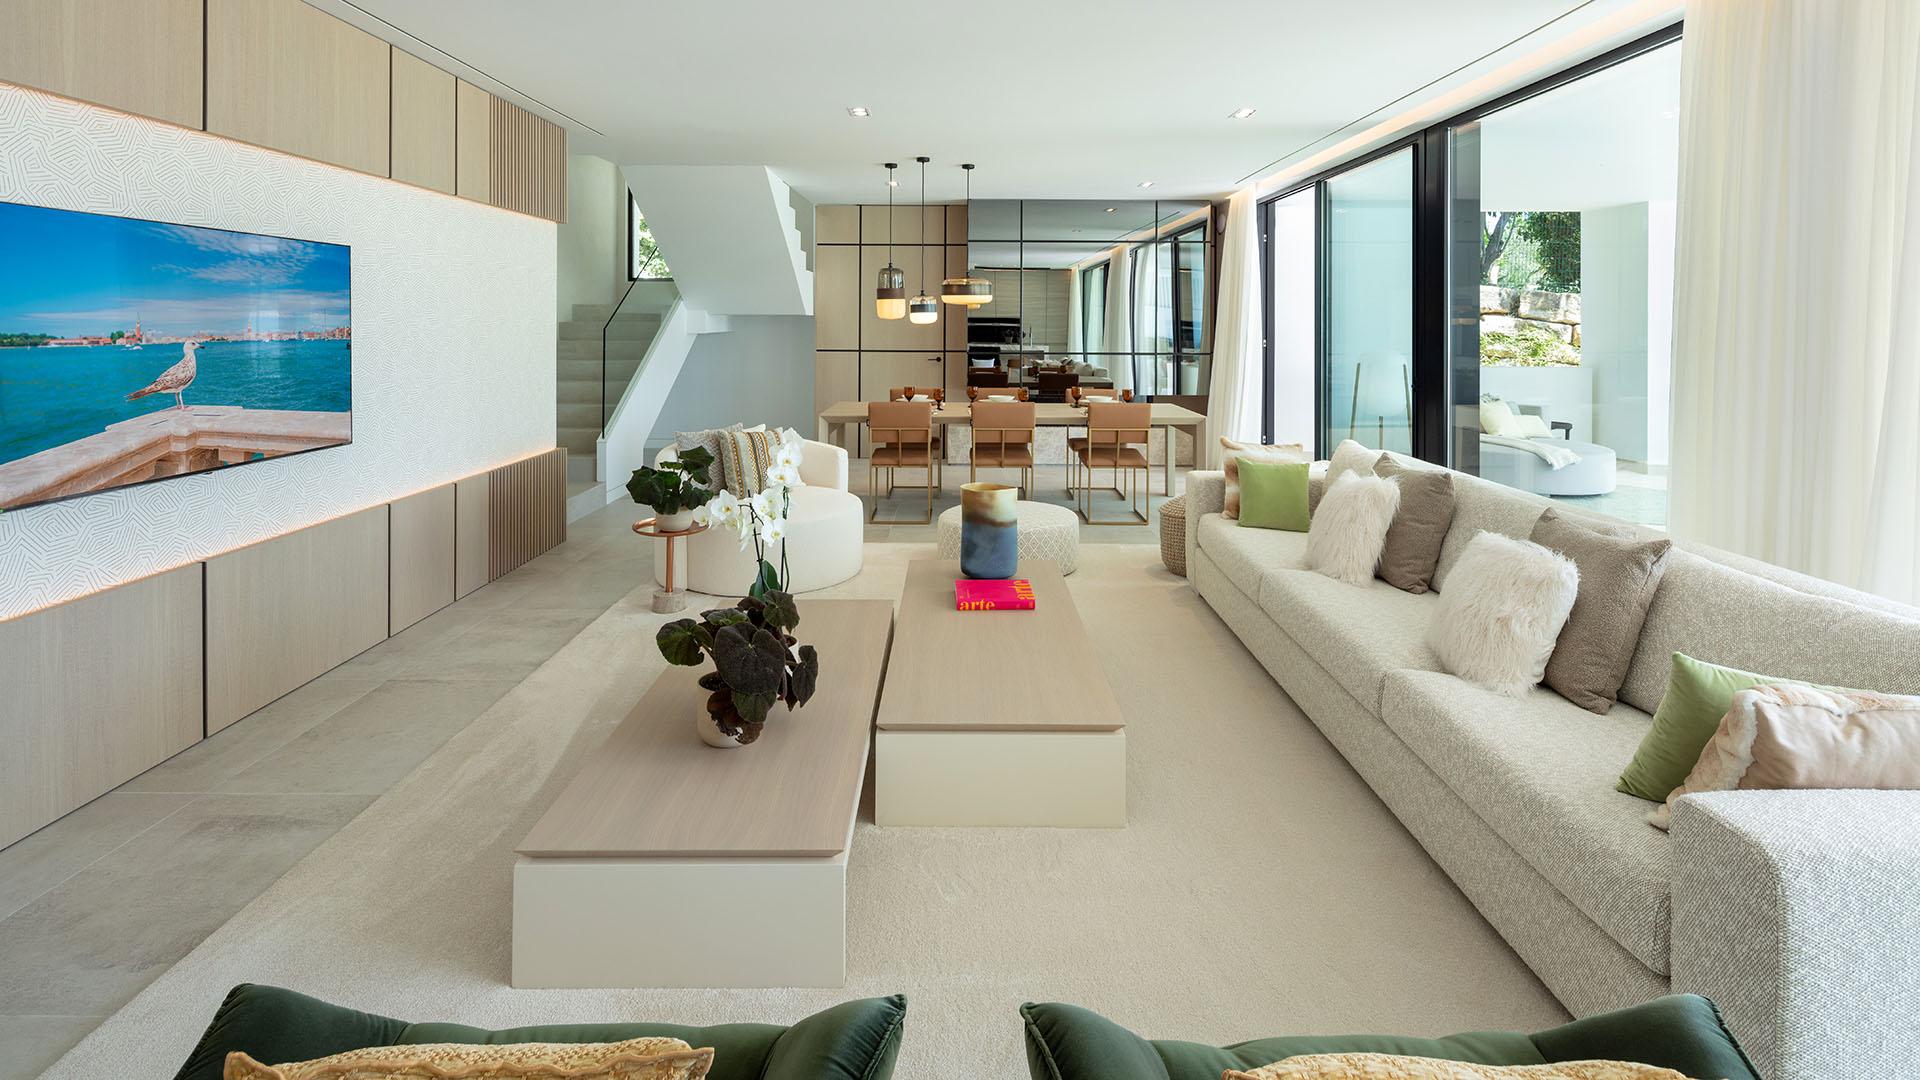 Brisas 2: Indrukwekkende luxe villa in Nueva Andalucía, Marbella